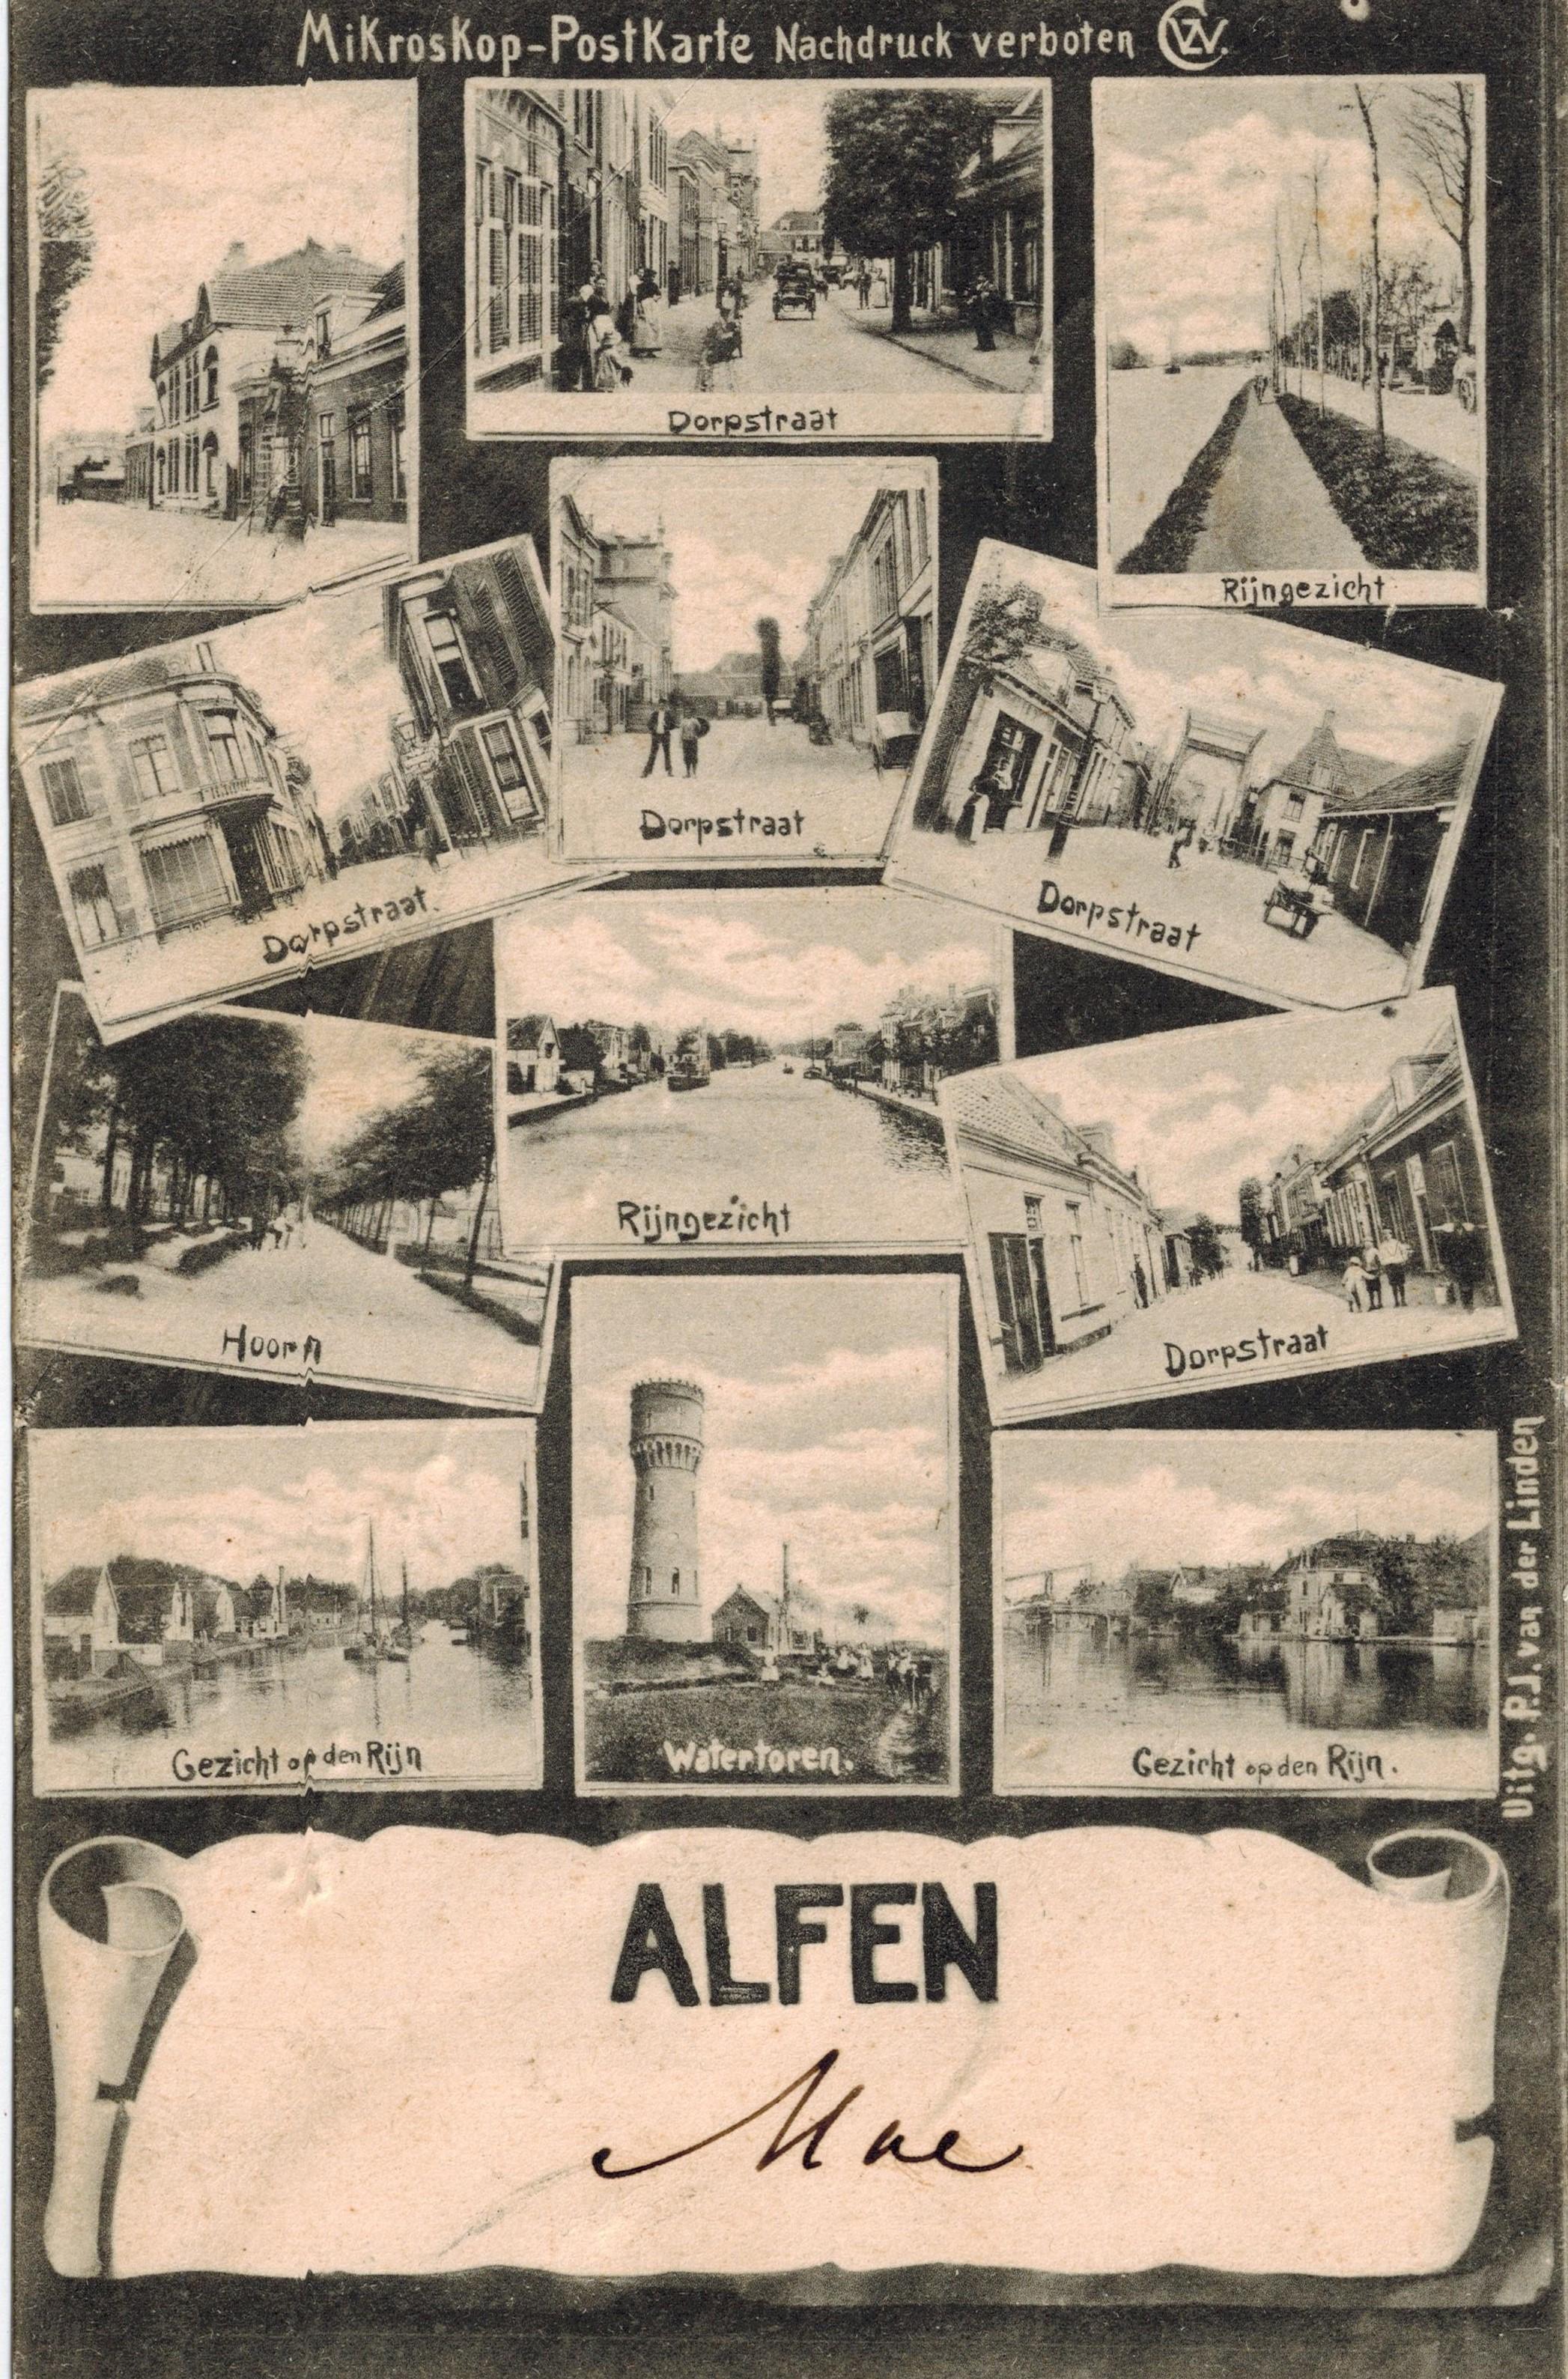 De briefkaart uit Alfen, afzender 'moe'.